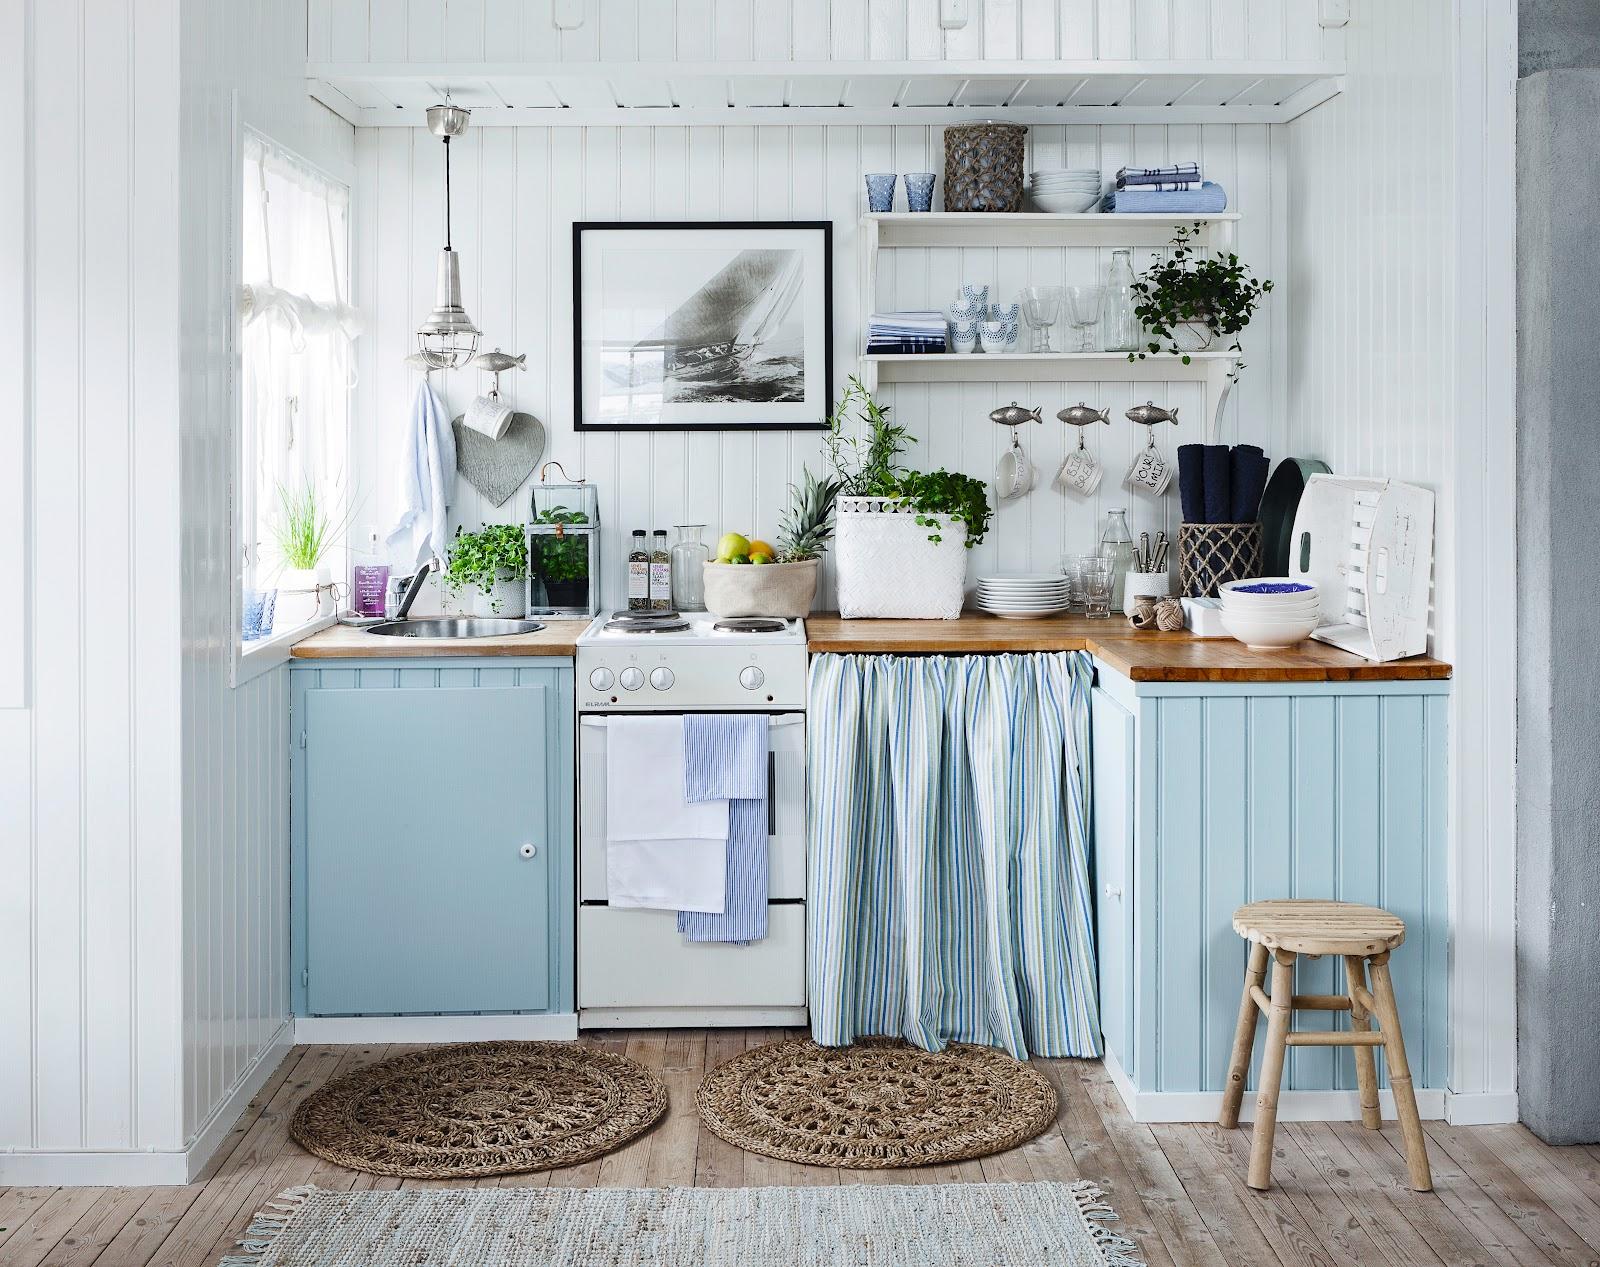 Bądź kreatywny, uwolnij siebie Jak urządzić kuchnie   -> Kuchnia Retro Amica